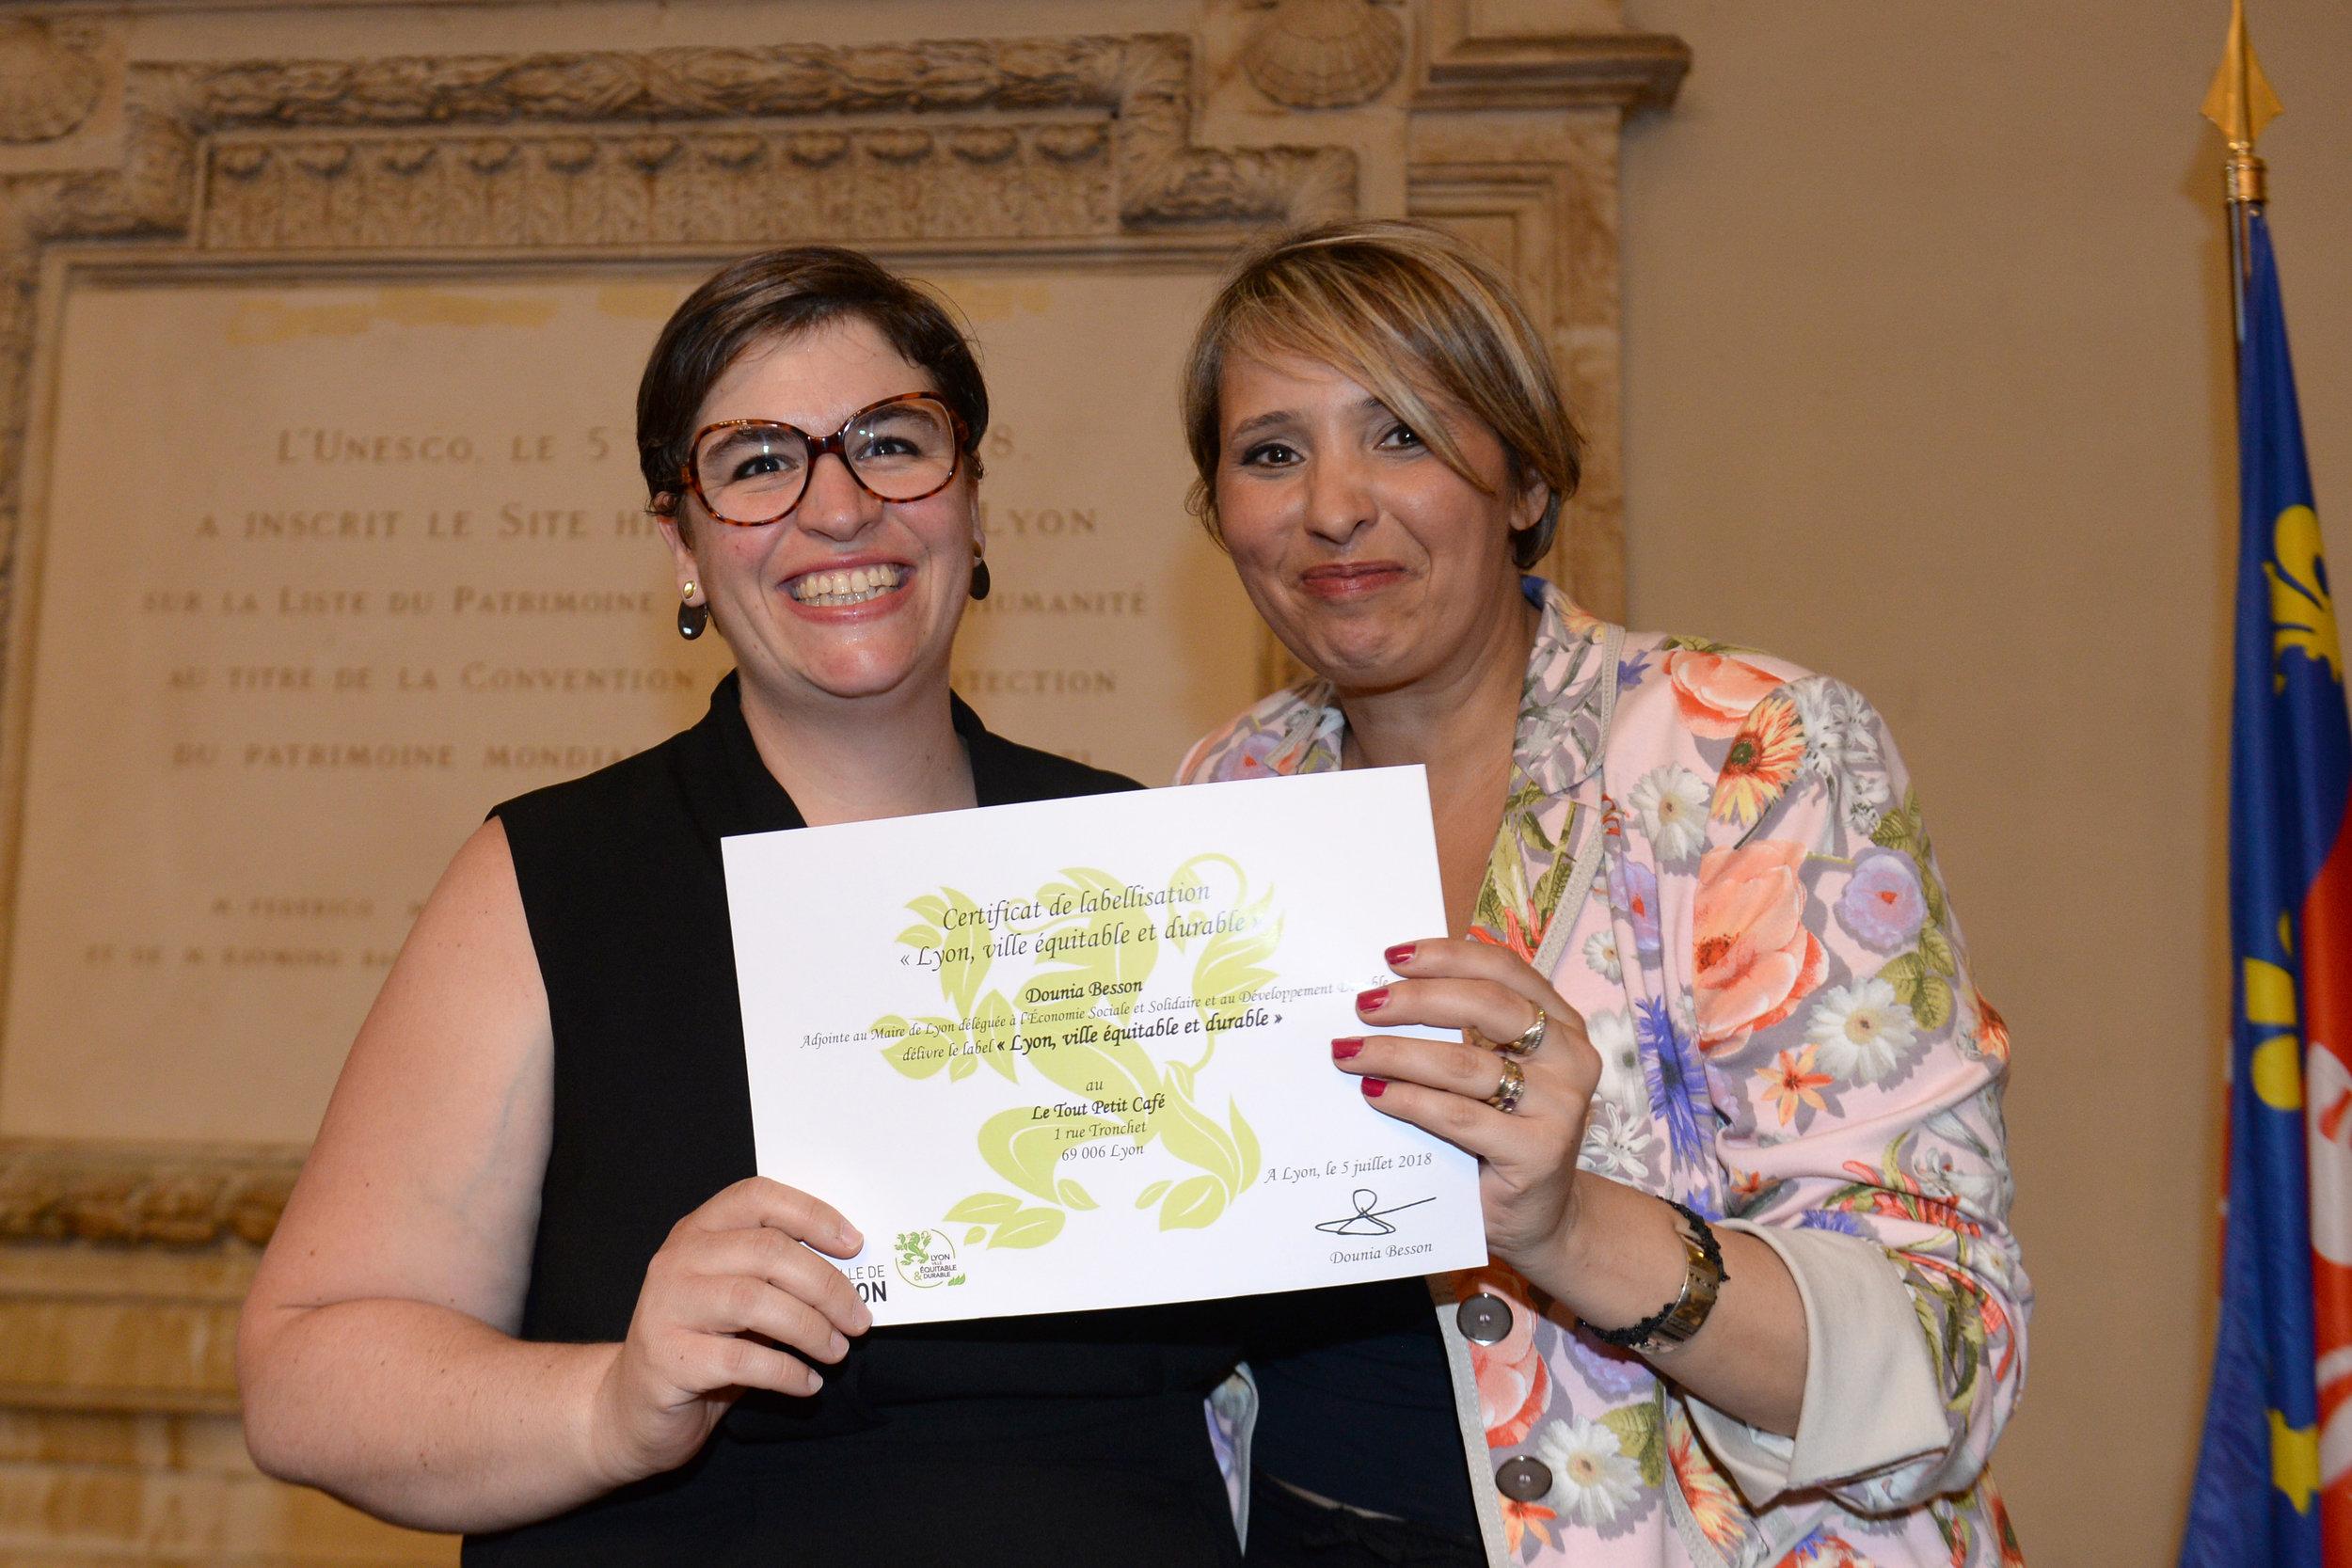 Anne Vast (gérante du Tout Petit Café) et Dounia Besson (adjointe au maire de Lyon) - crédit photo :Laurent Cerino